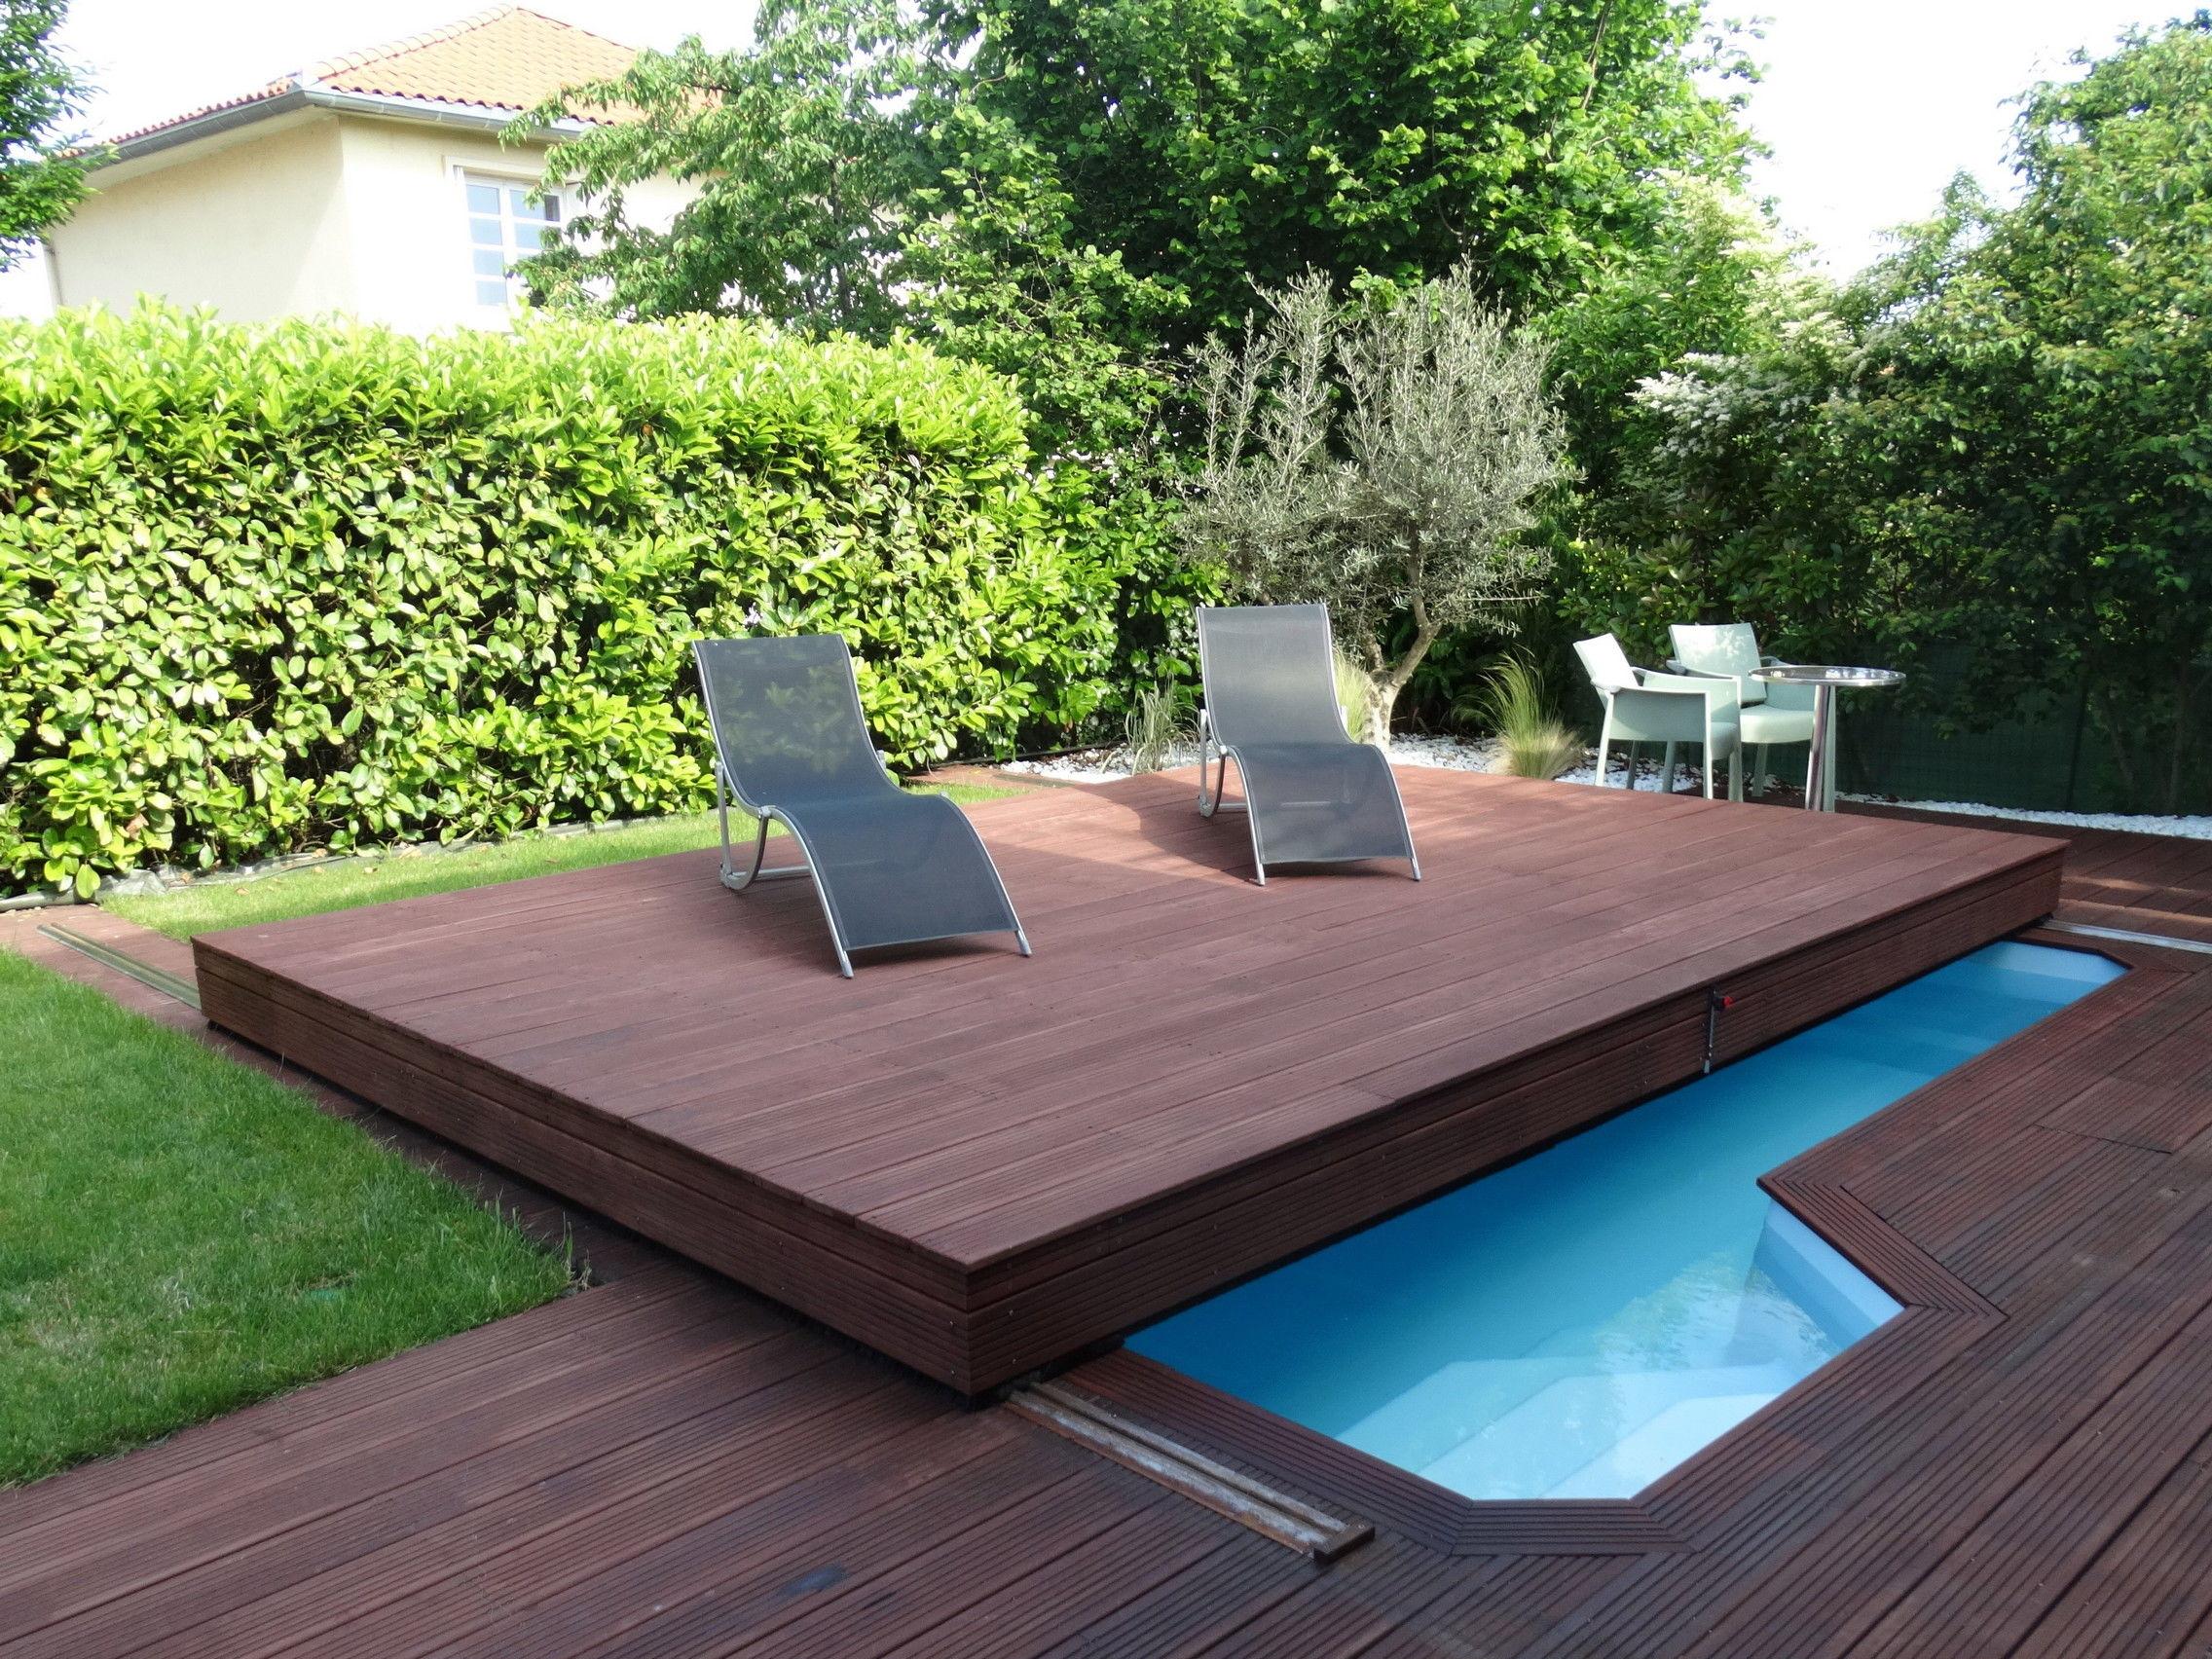 Terrasse Mobile Xxl Pour Piscine By Design Concept Ls